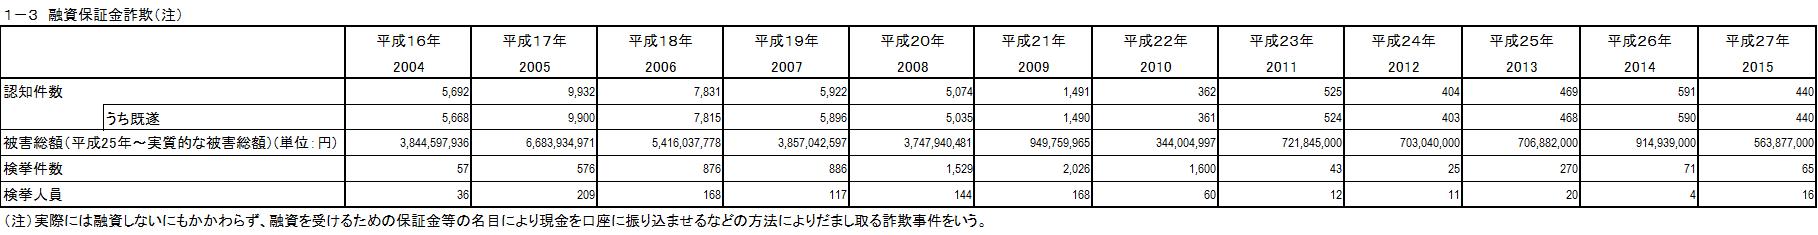 1-3融資保証金詐欺(注)